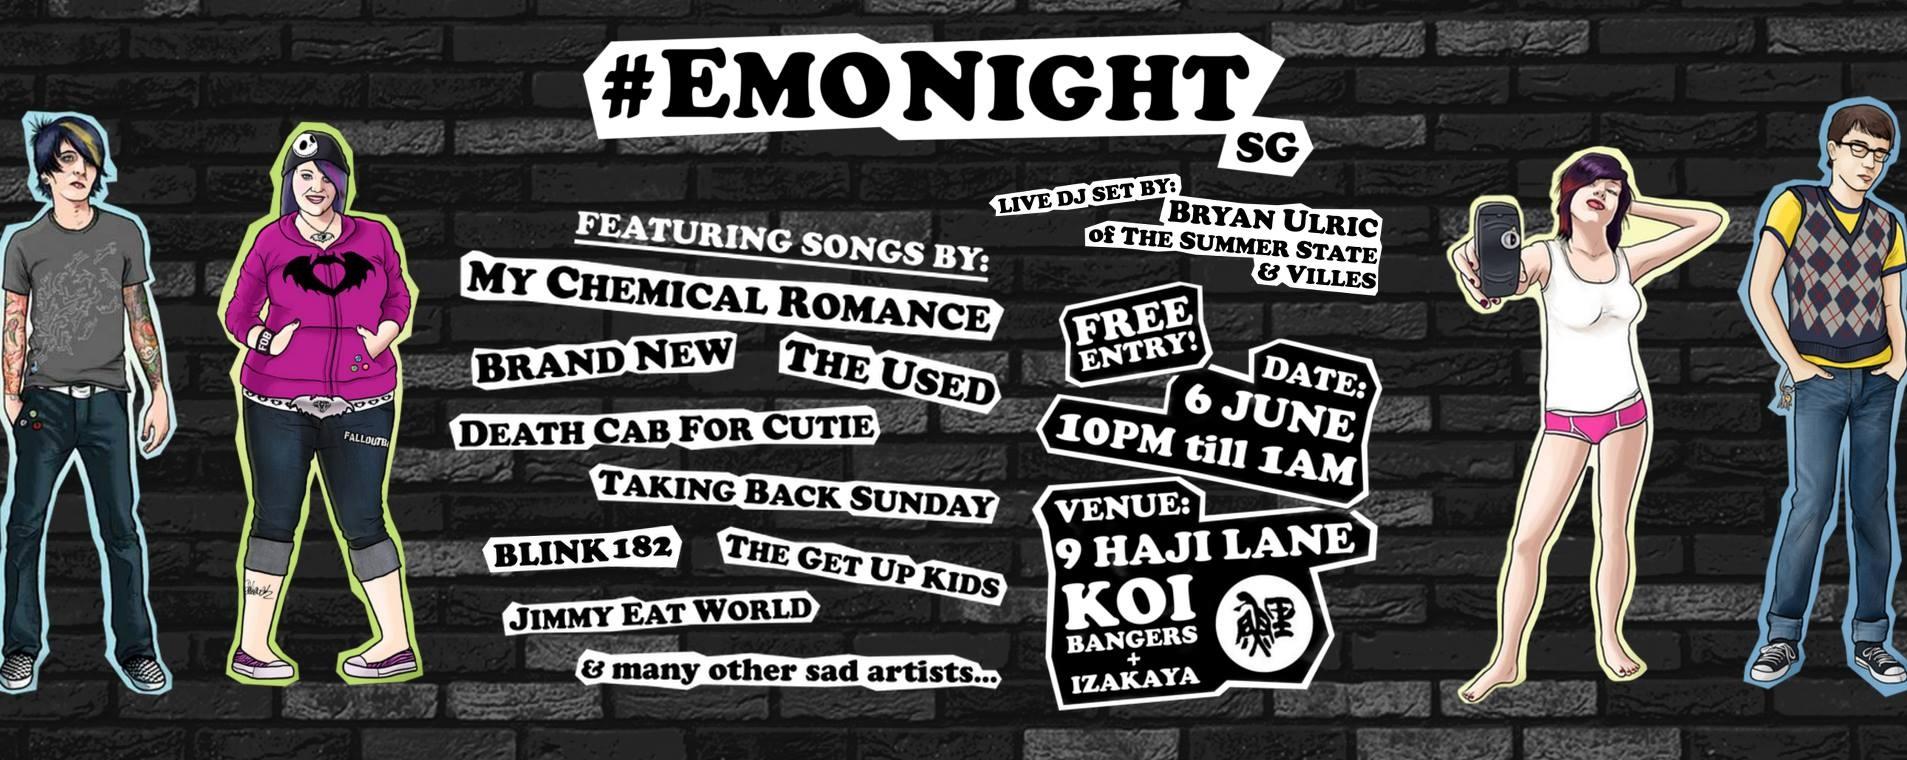 EMO NIGHT SG